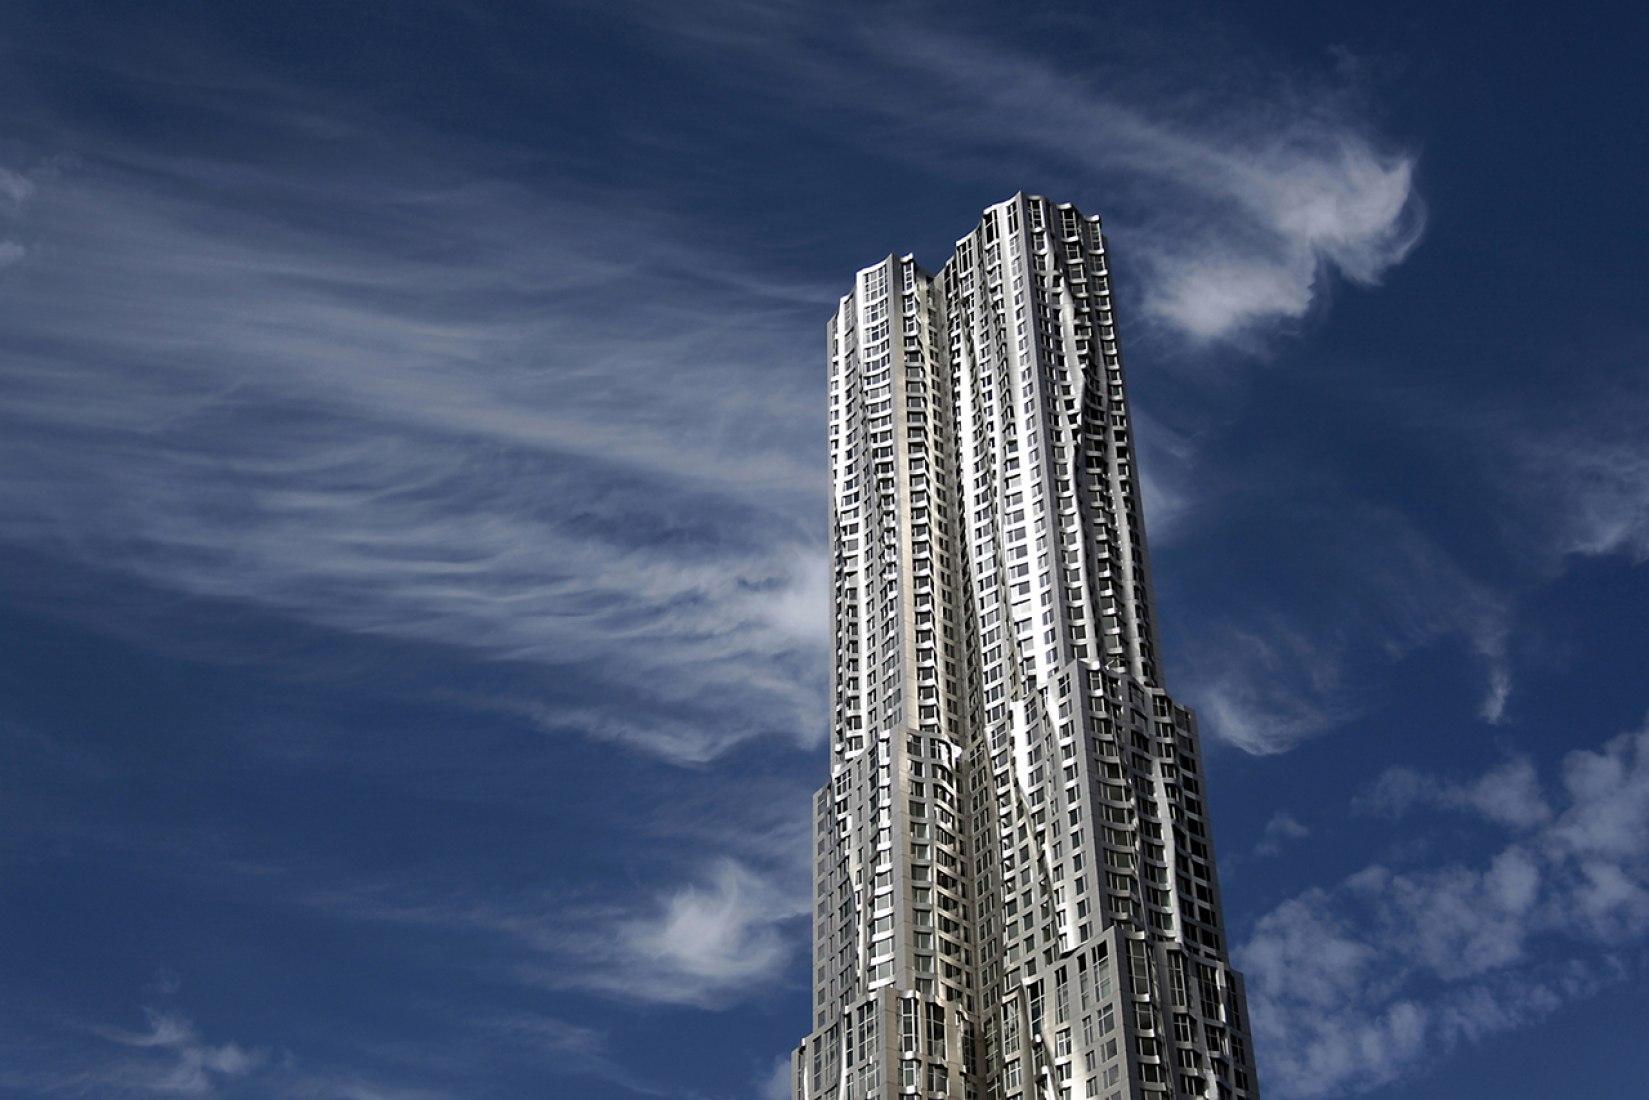 Nueva York by Gehry. Torre Beekman, 2010.